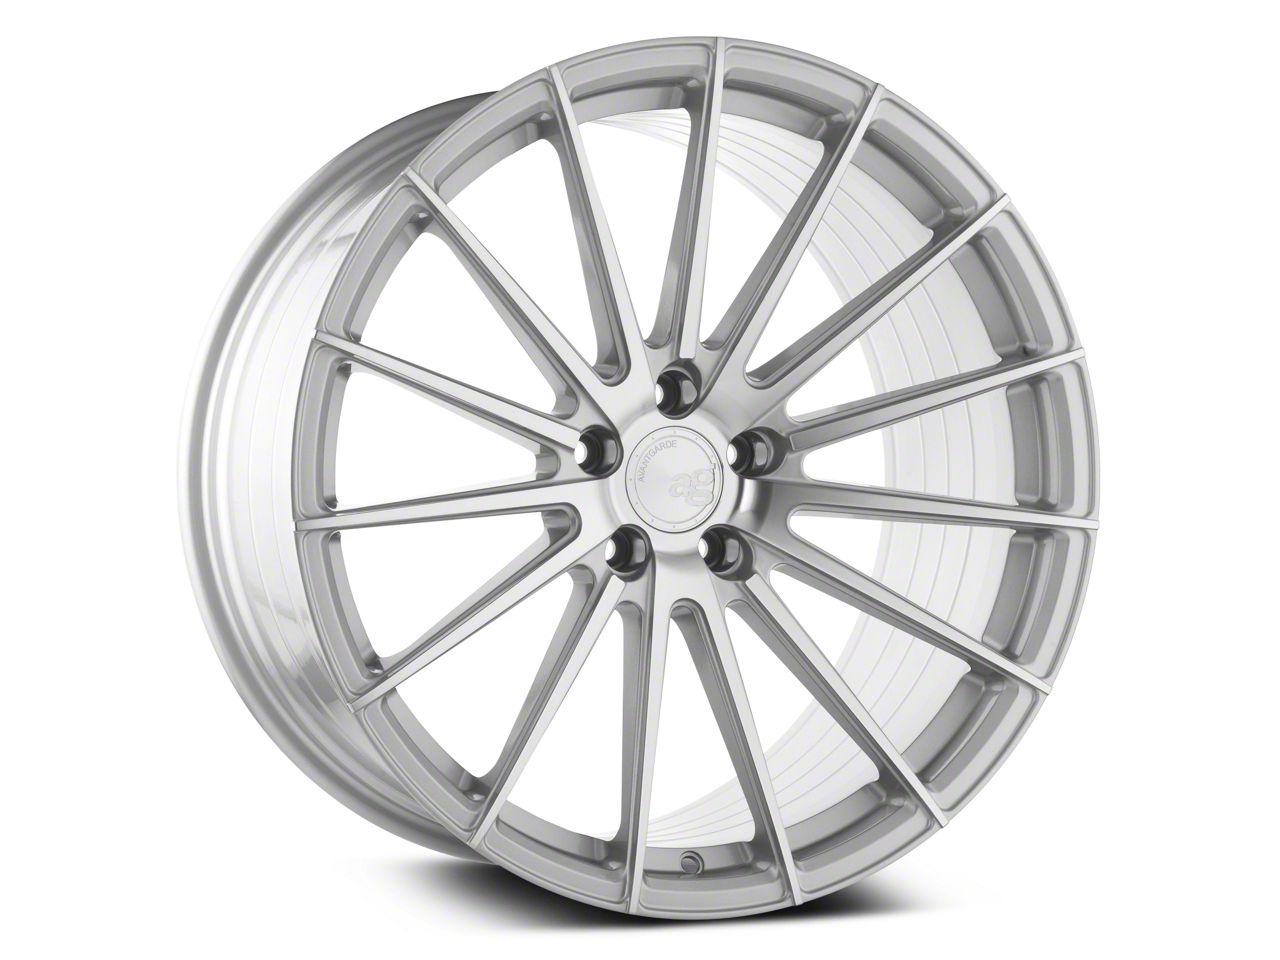 Avant Garde M615 Silver Machined Wheel - 19x9.5 - Rear Only (05-14 All)